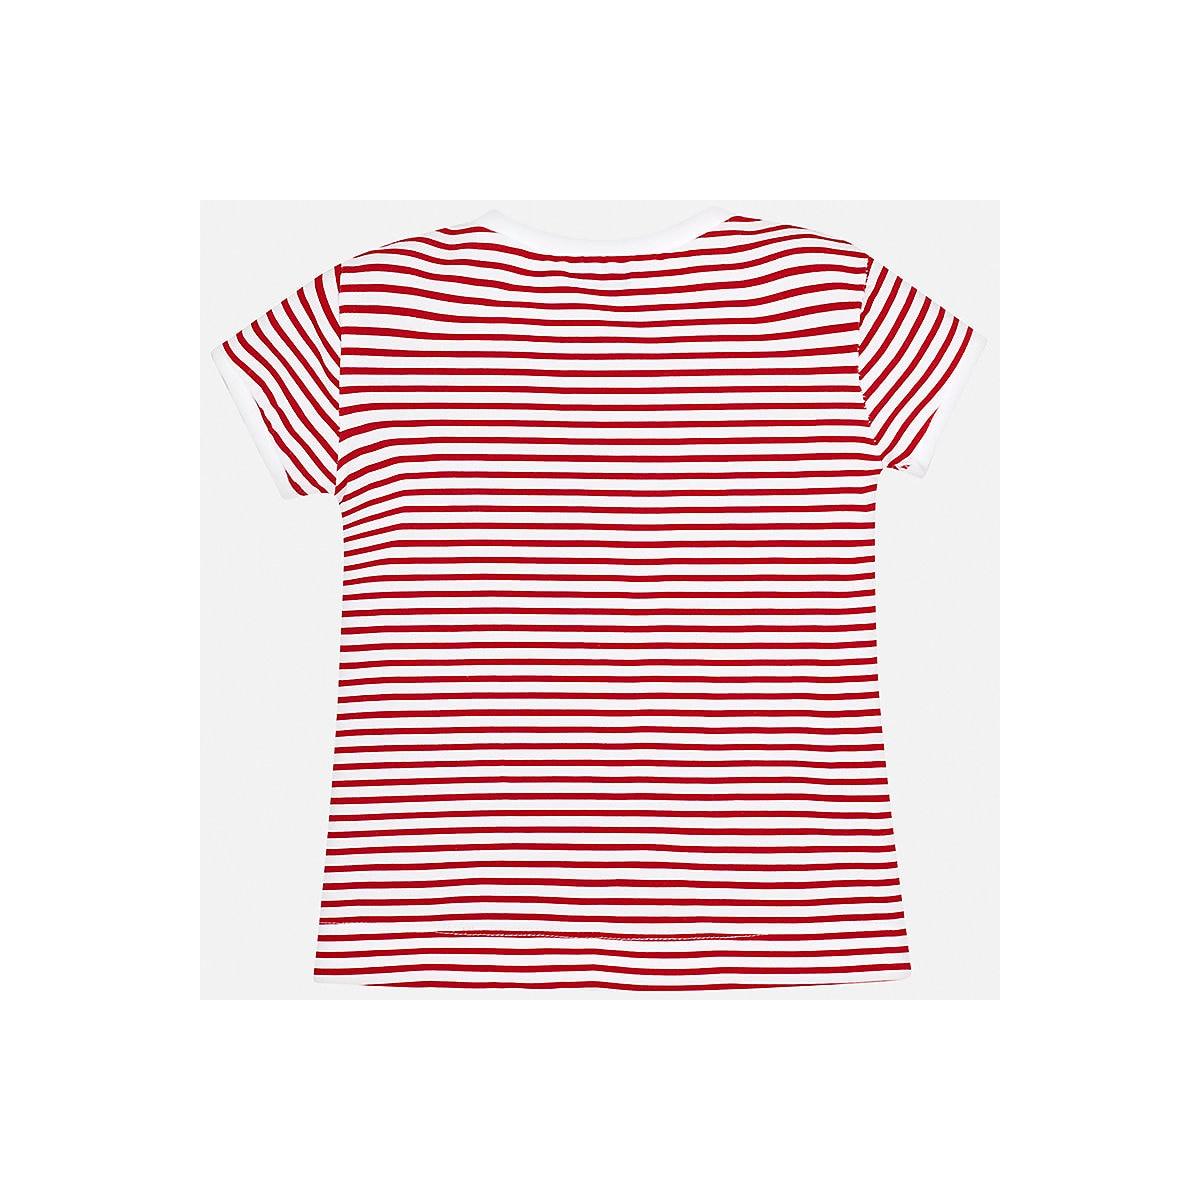 T Shirts BÜRGERMEISTER 10678730 Kinder sClothing T shirt mit kurzen ärmeln polo shirt für jungen und mädchen - 2